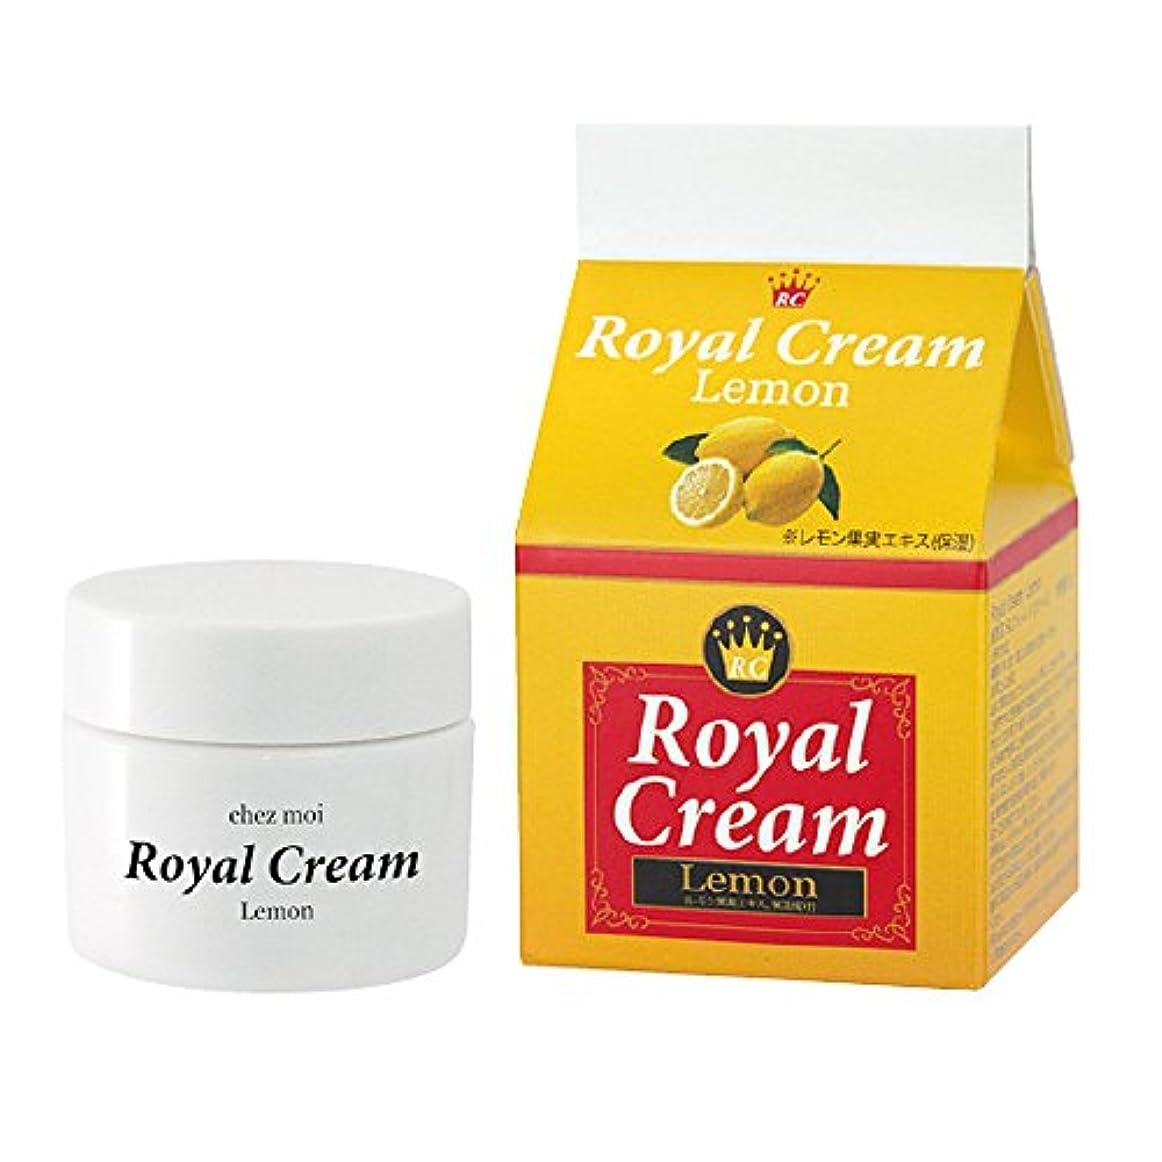 コマース拡大する略語シェモア Royal Cream Lemon(ロイヤルクリームレモン) 30g